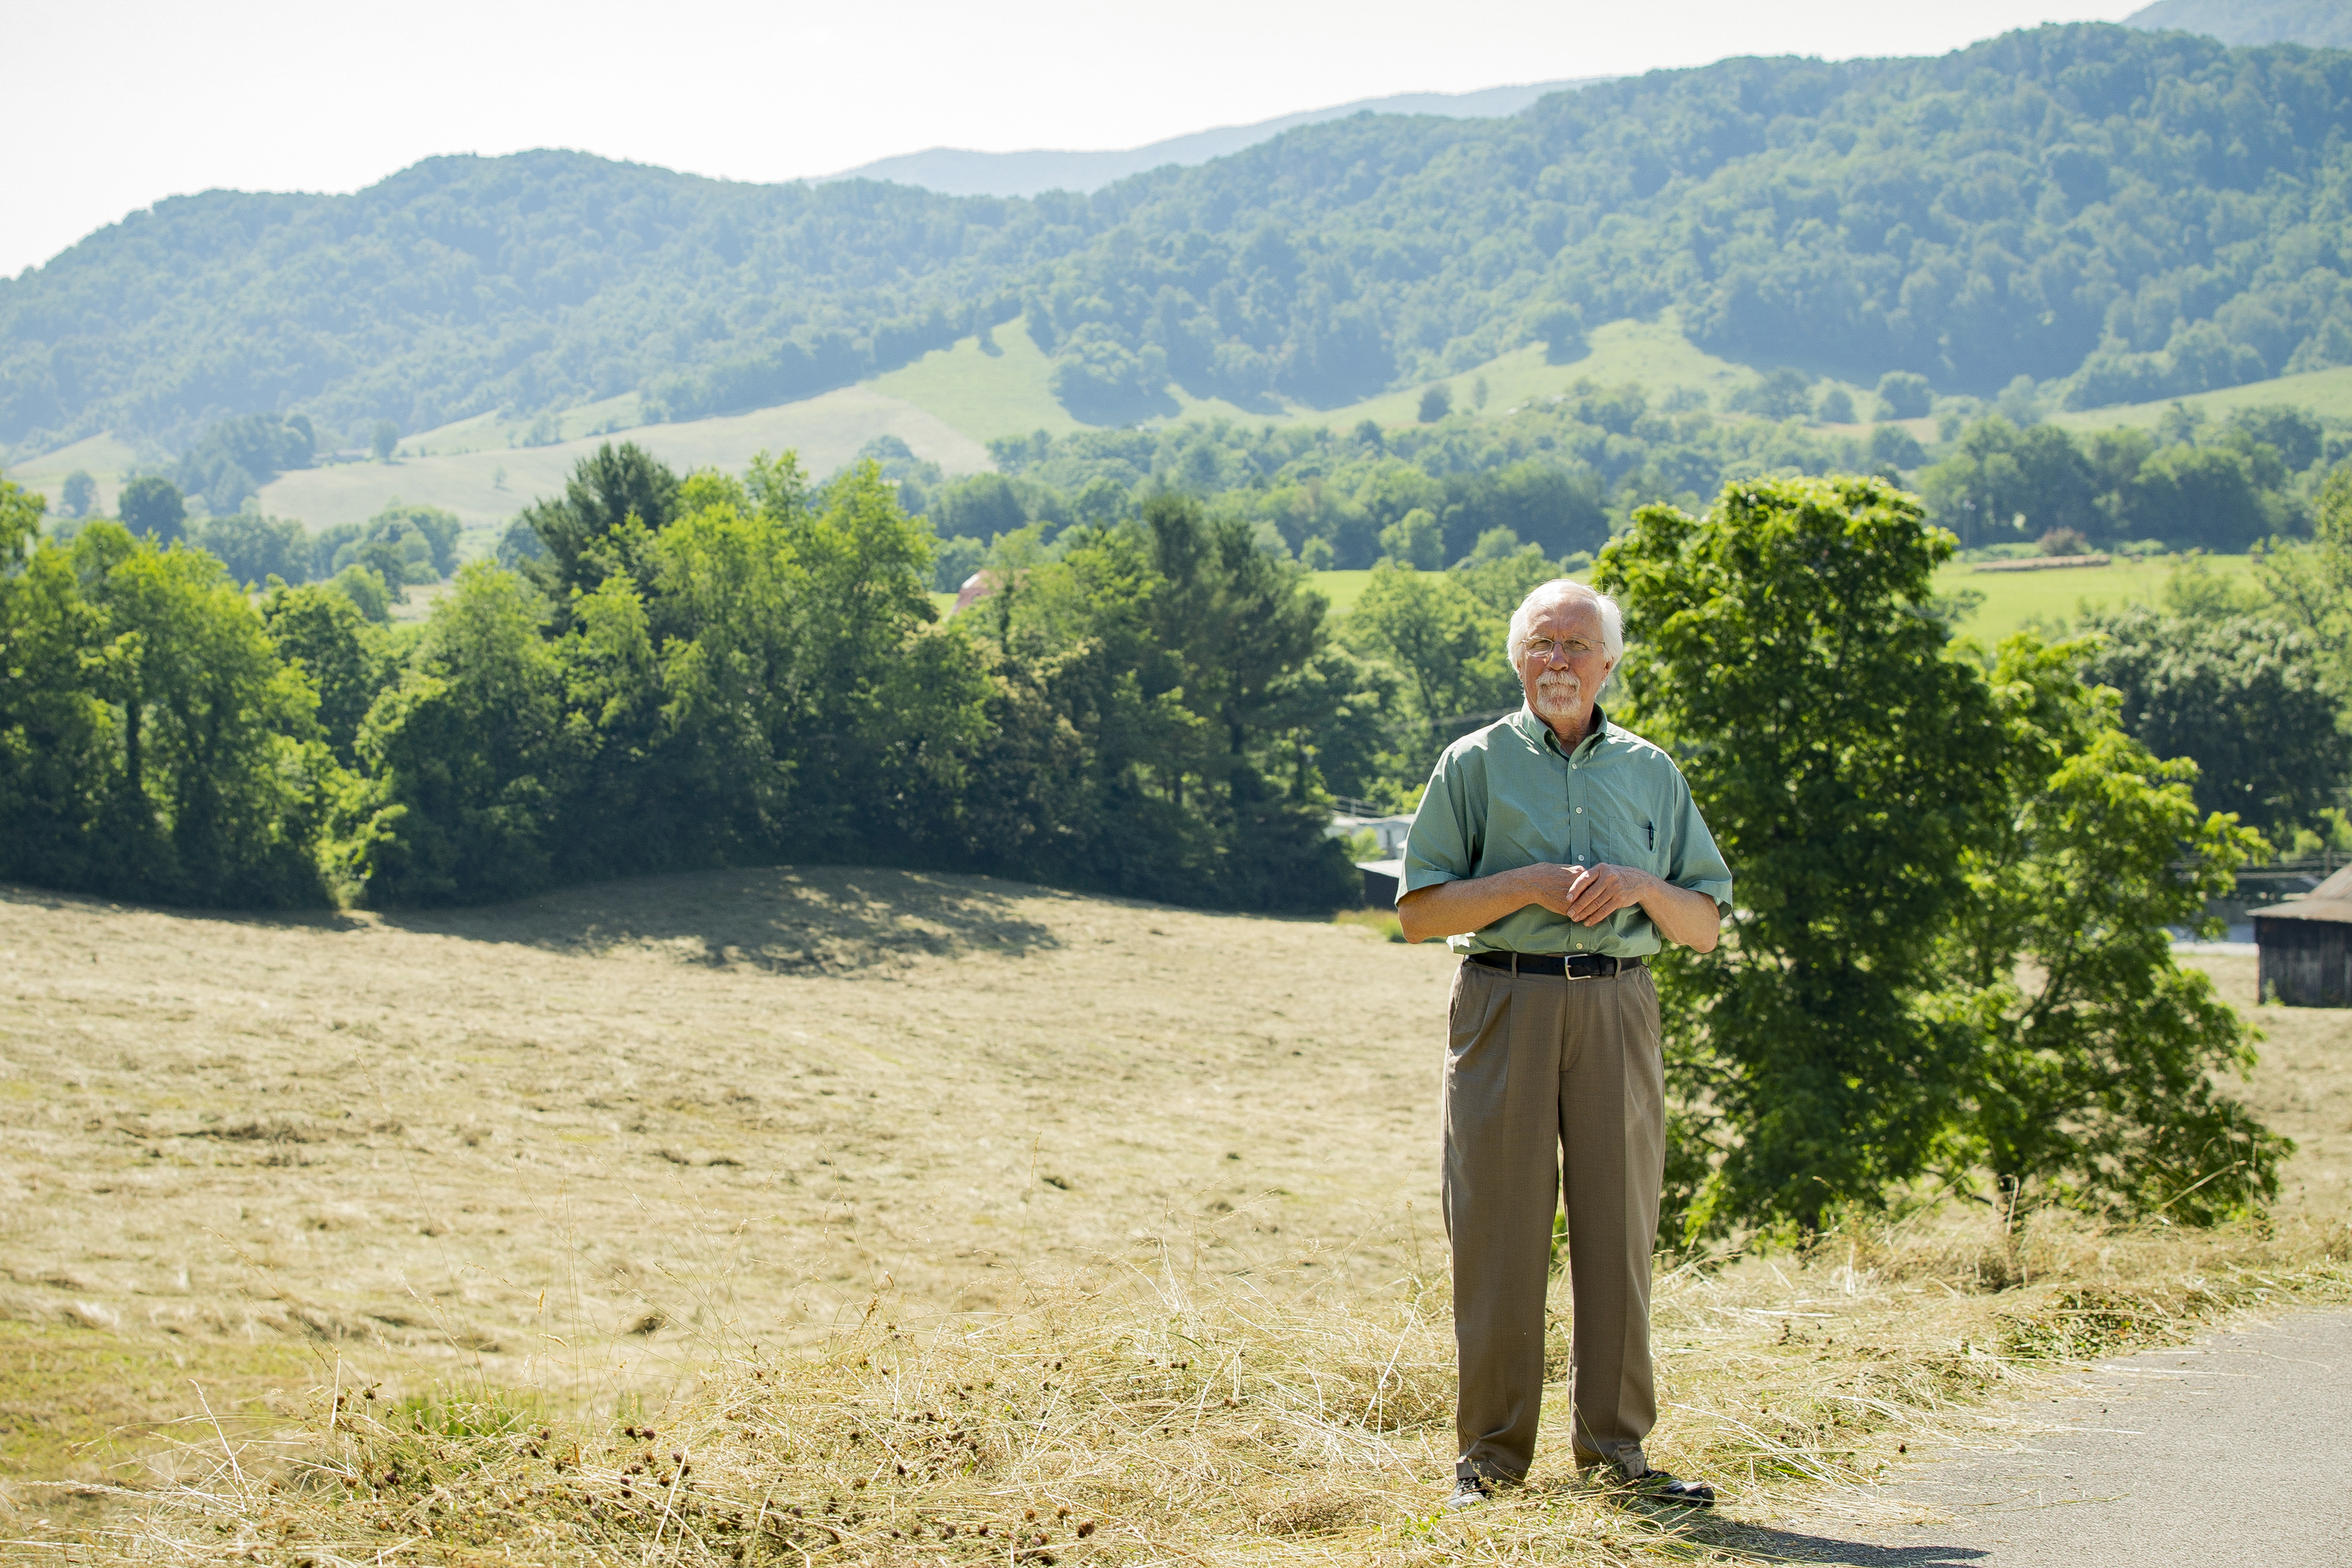 Appalachian odyssey: Hunting for ALS genes along a sprawling